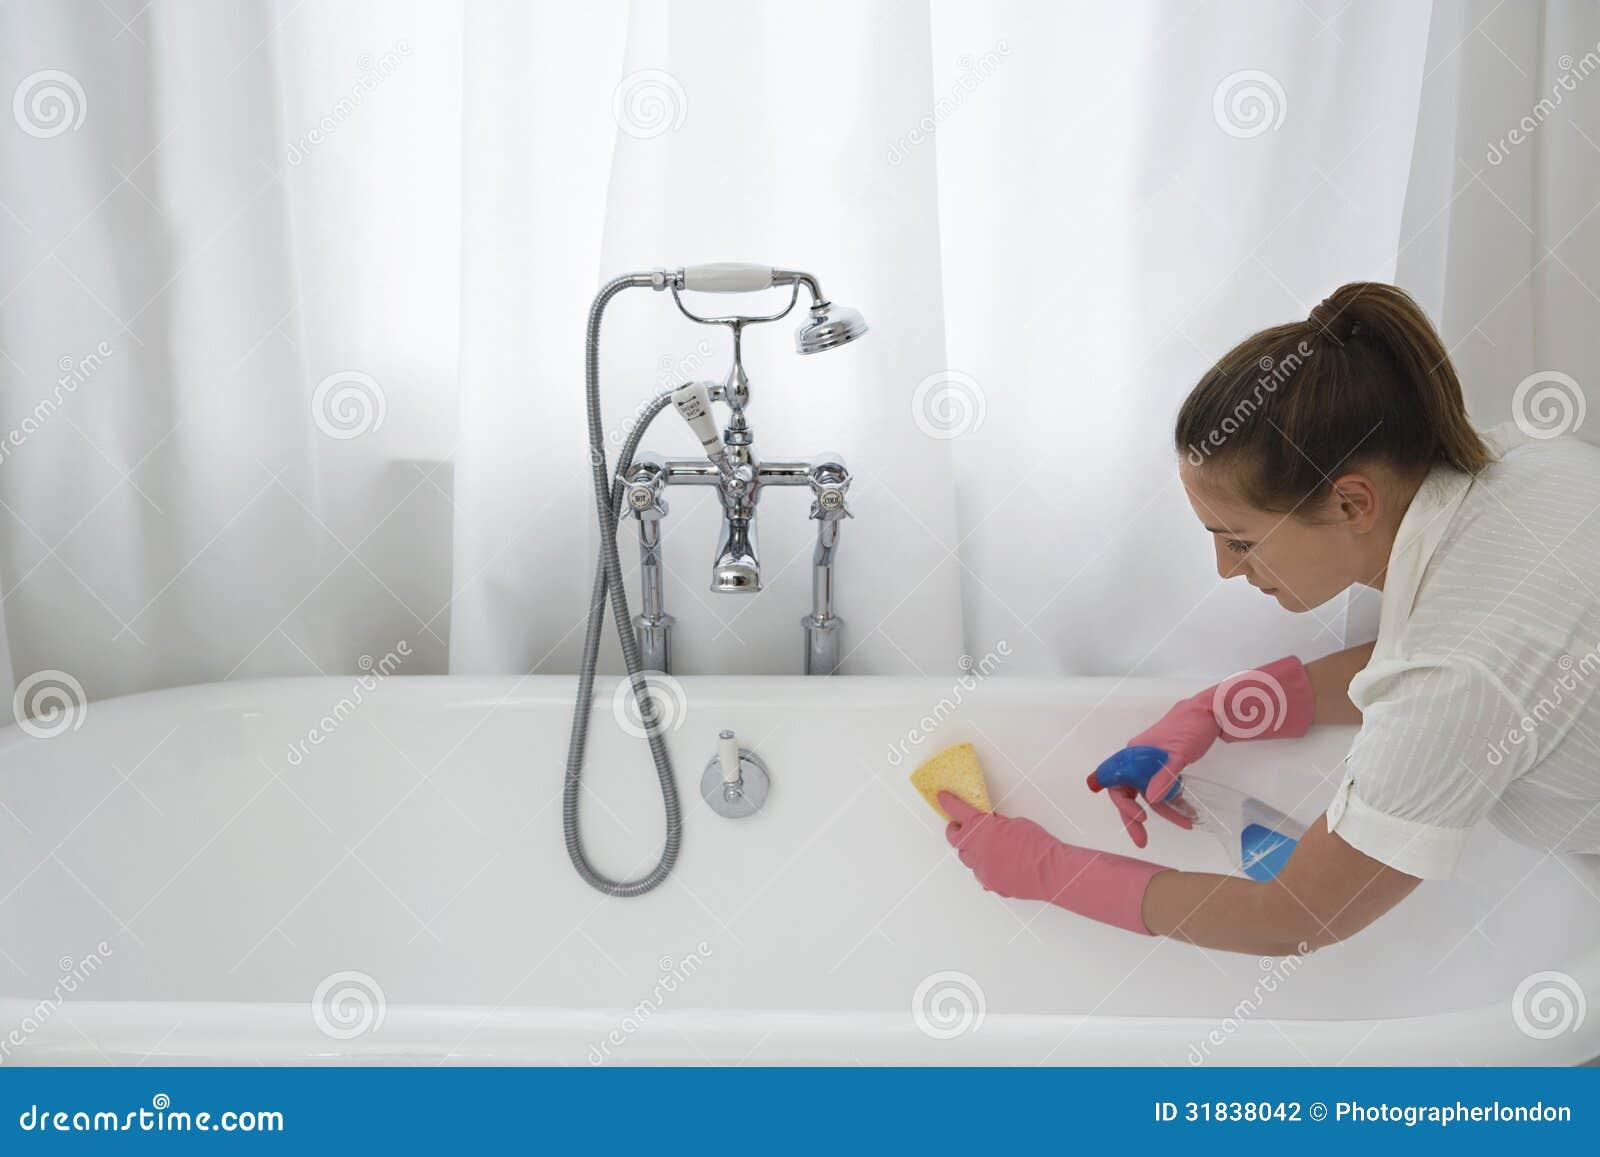 baignoire de nettoyage de femme photographie stock image 31838042. Black Bedroom Furniture Sets. Home Design Ideas